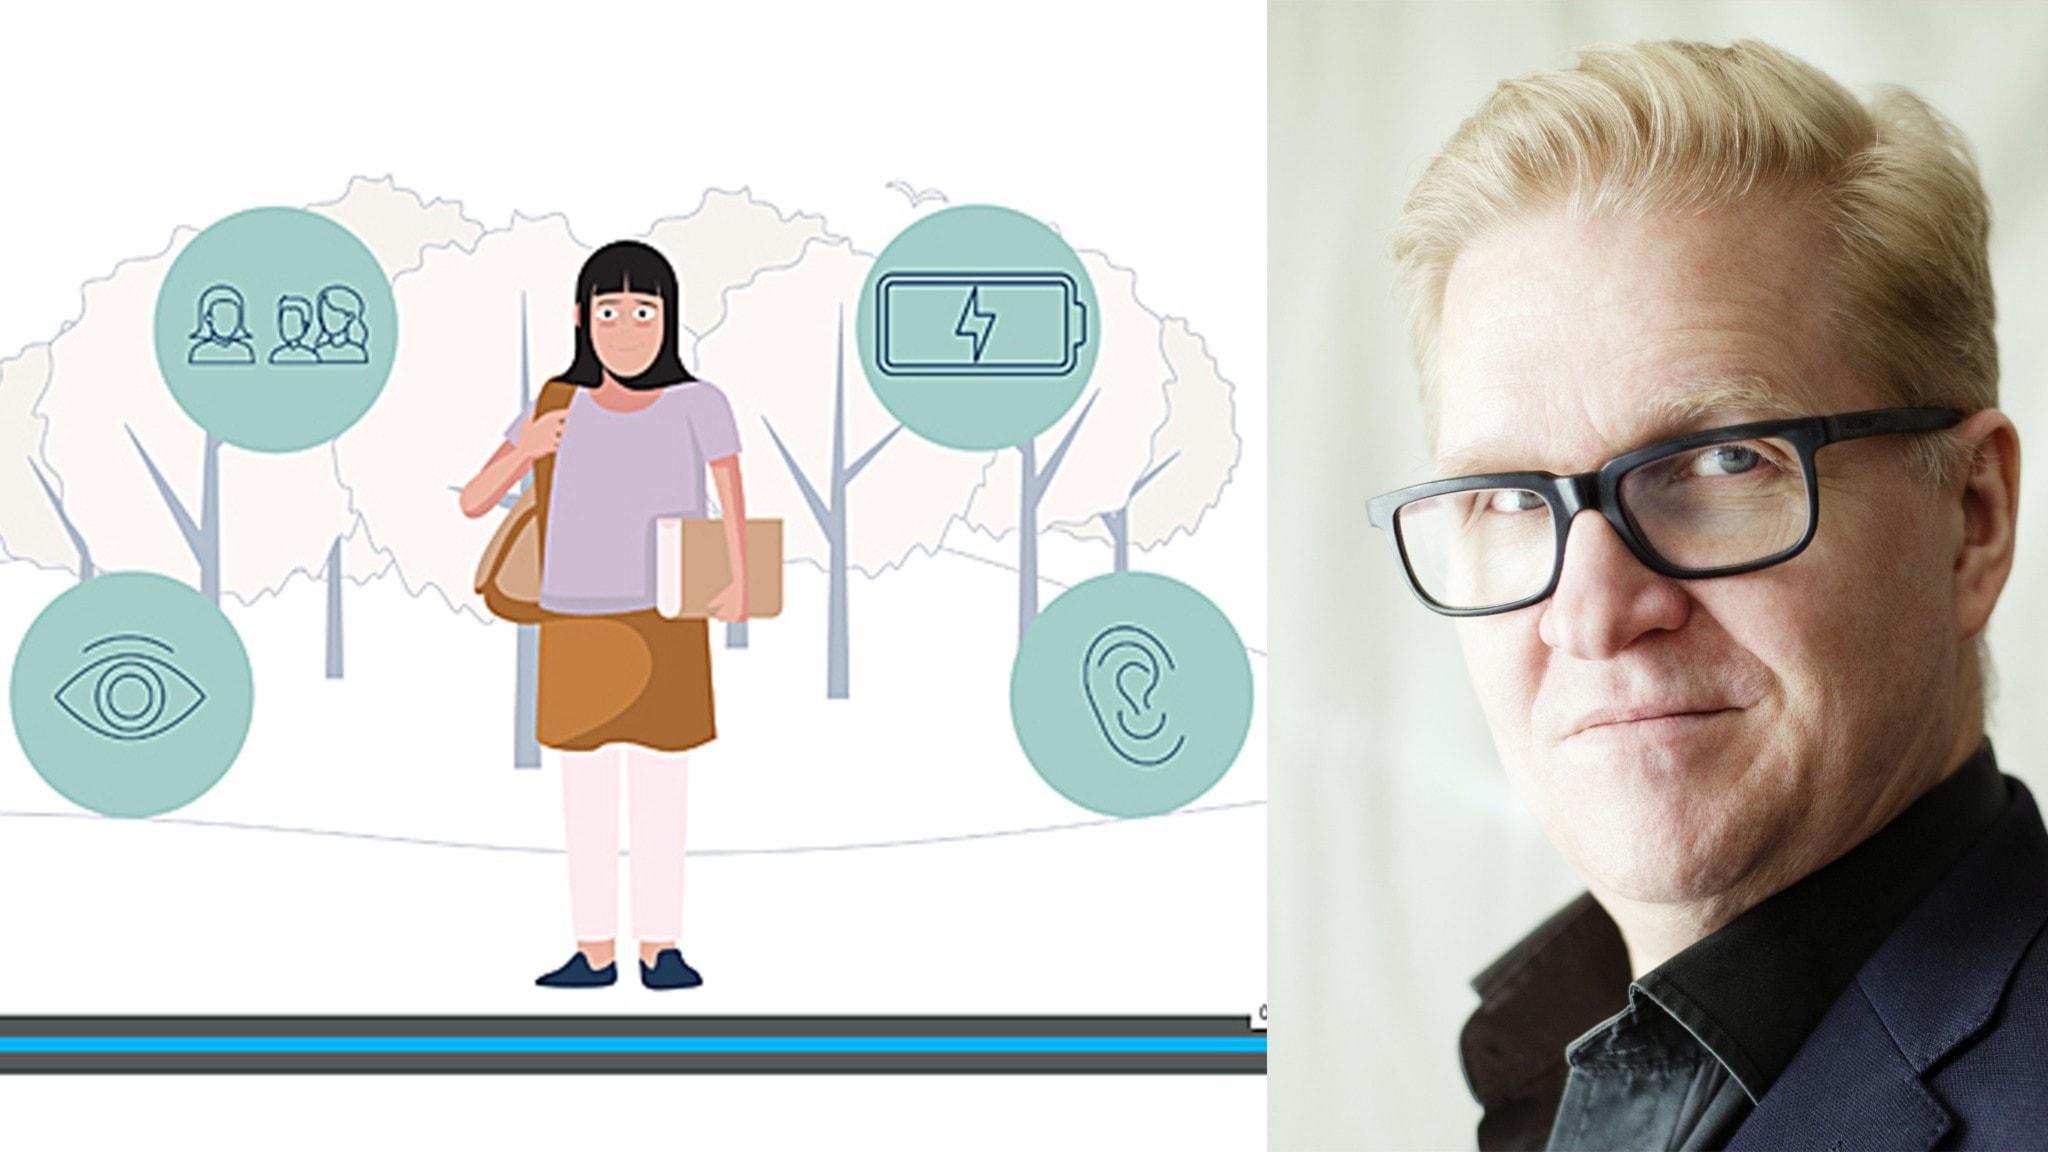 På bilden ser man en bild på en tecknad tjej med symboler omkring sig. Man ser också en annan bild med en man som har glasögon.